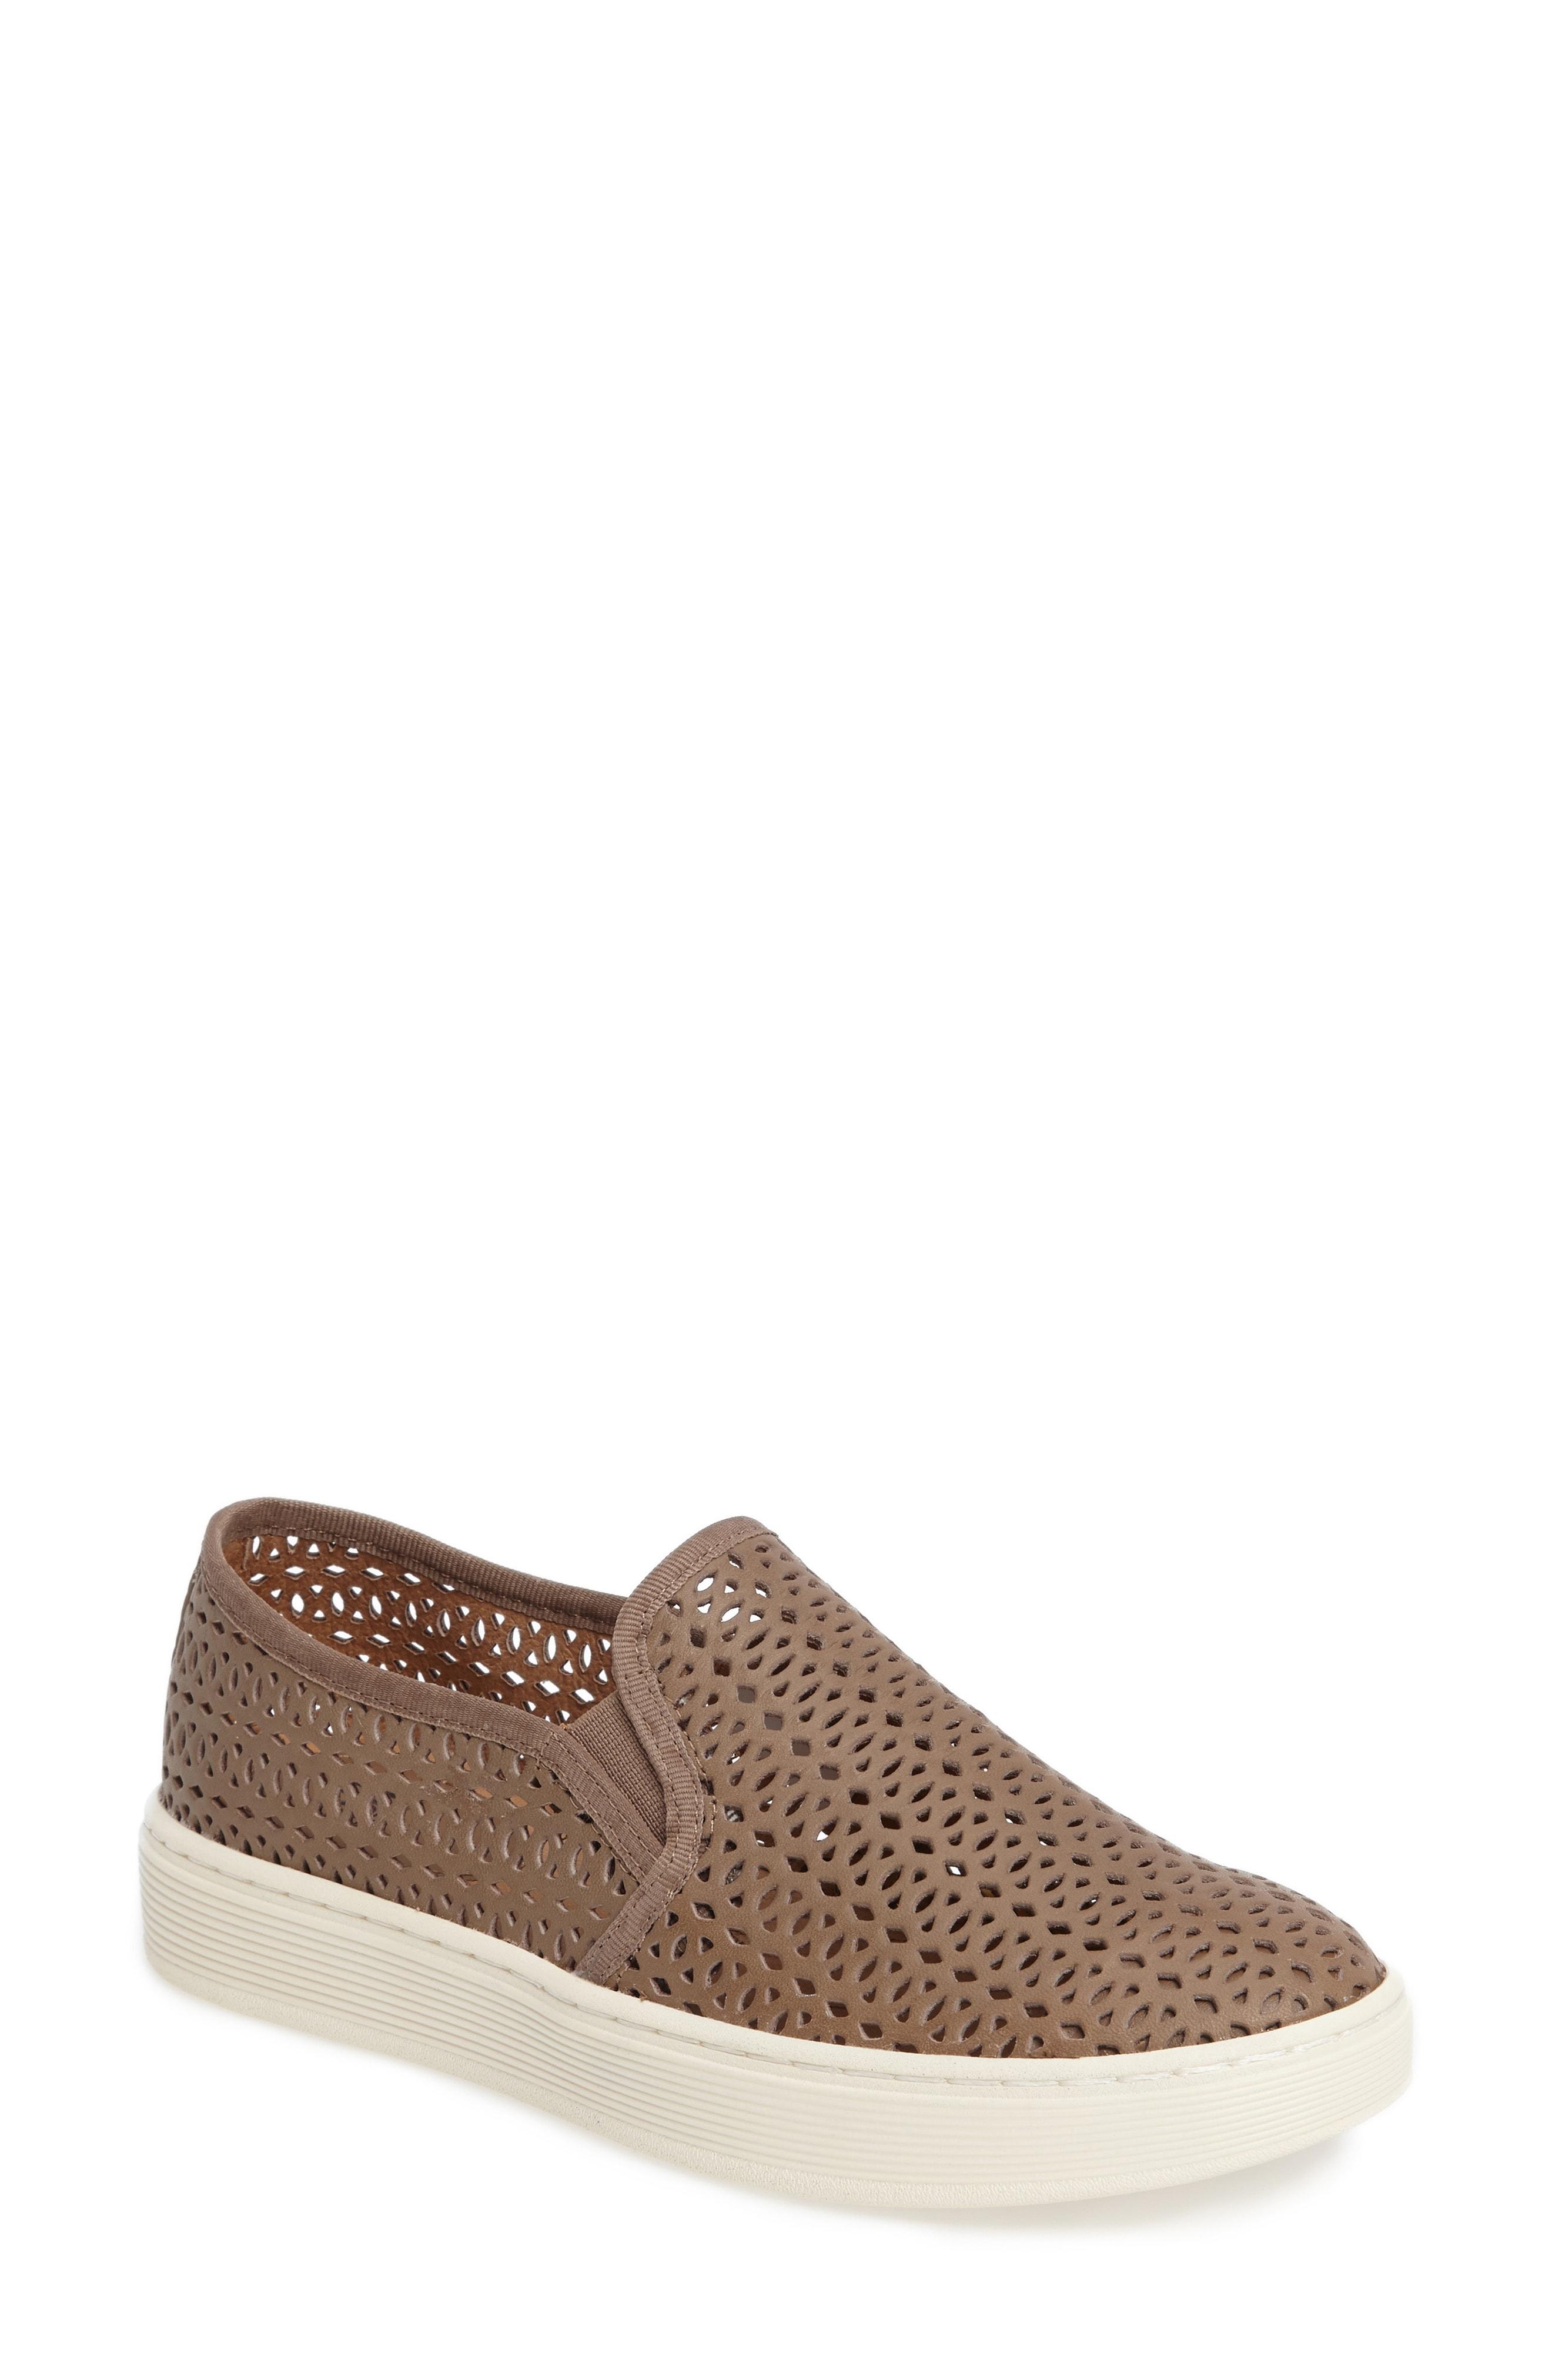 Sfft Somers II Slip-on Sneaker (Women)